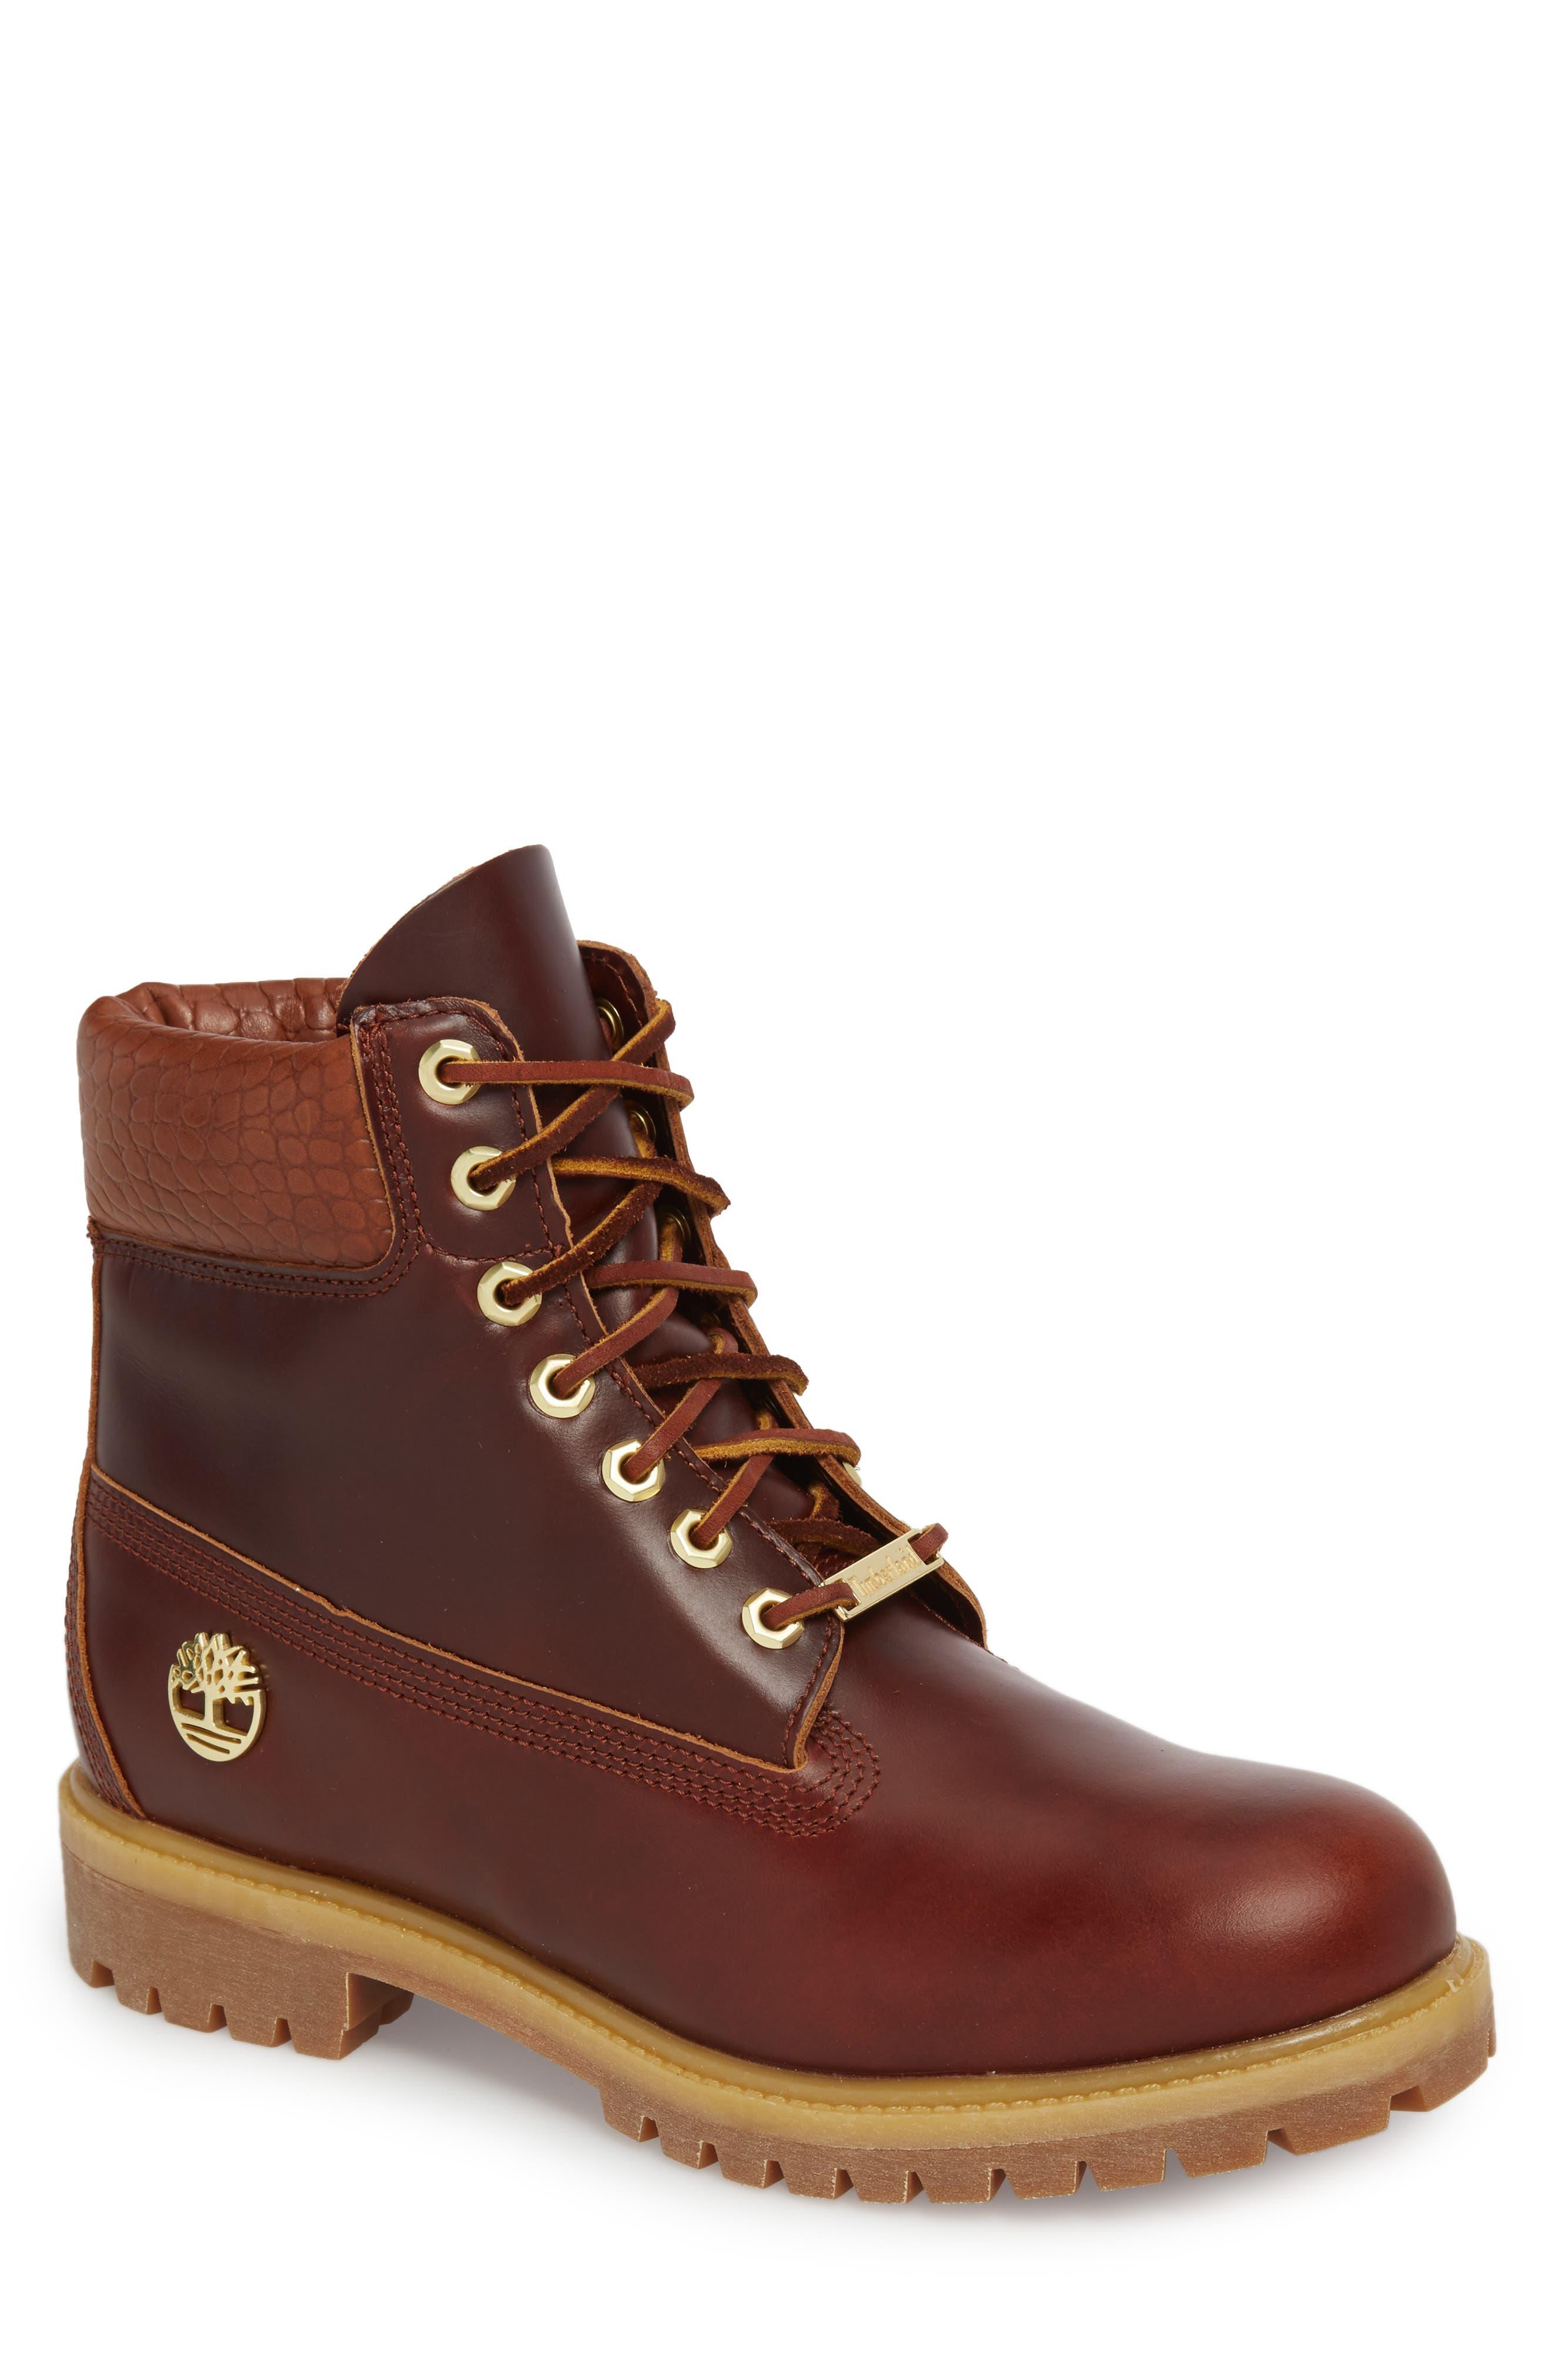 Timberland Premium Waterproof PrimaLoft® Insulated Boot (Men)